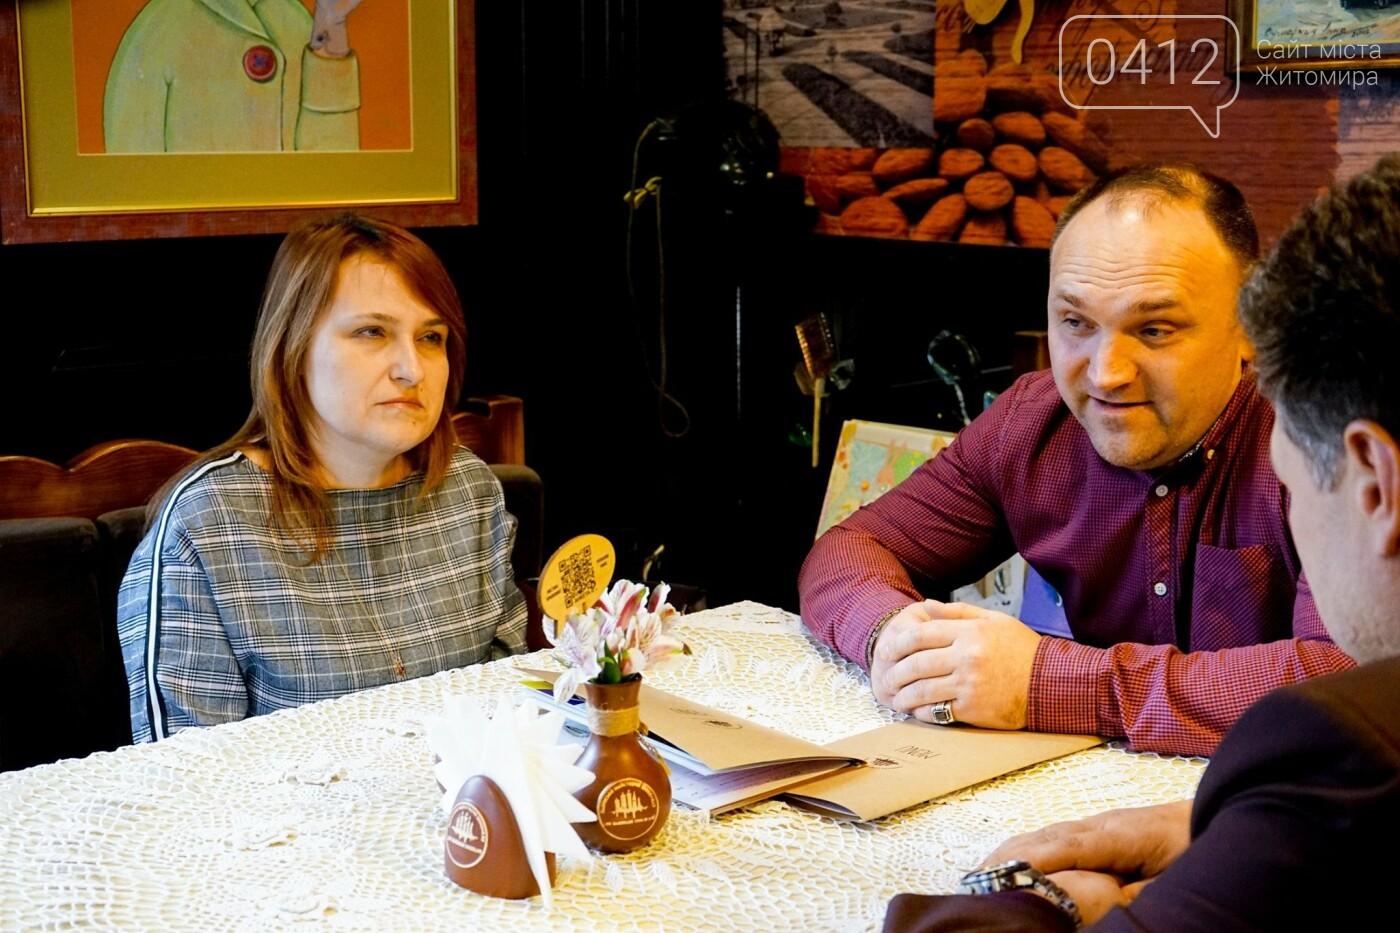 Рідних Героїв Небесної Сотні Житомирщини відвідав Віталій Бунечко, фото-8